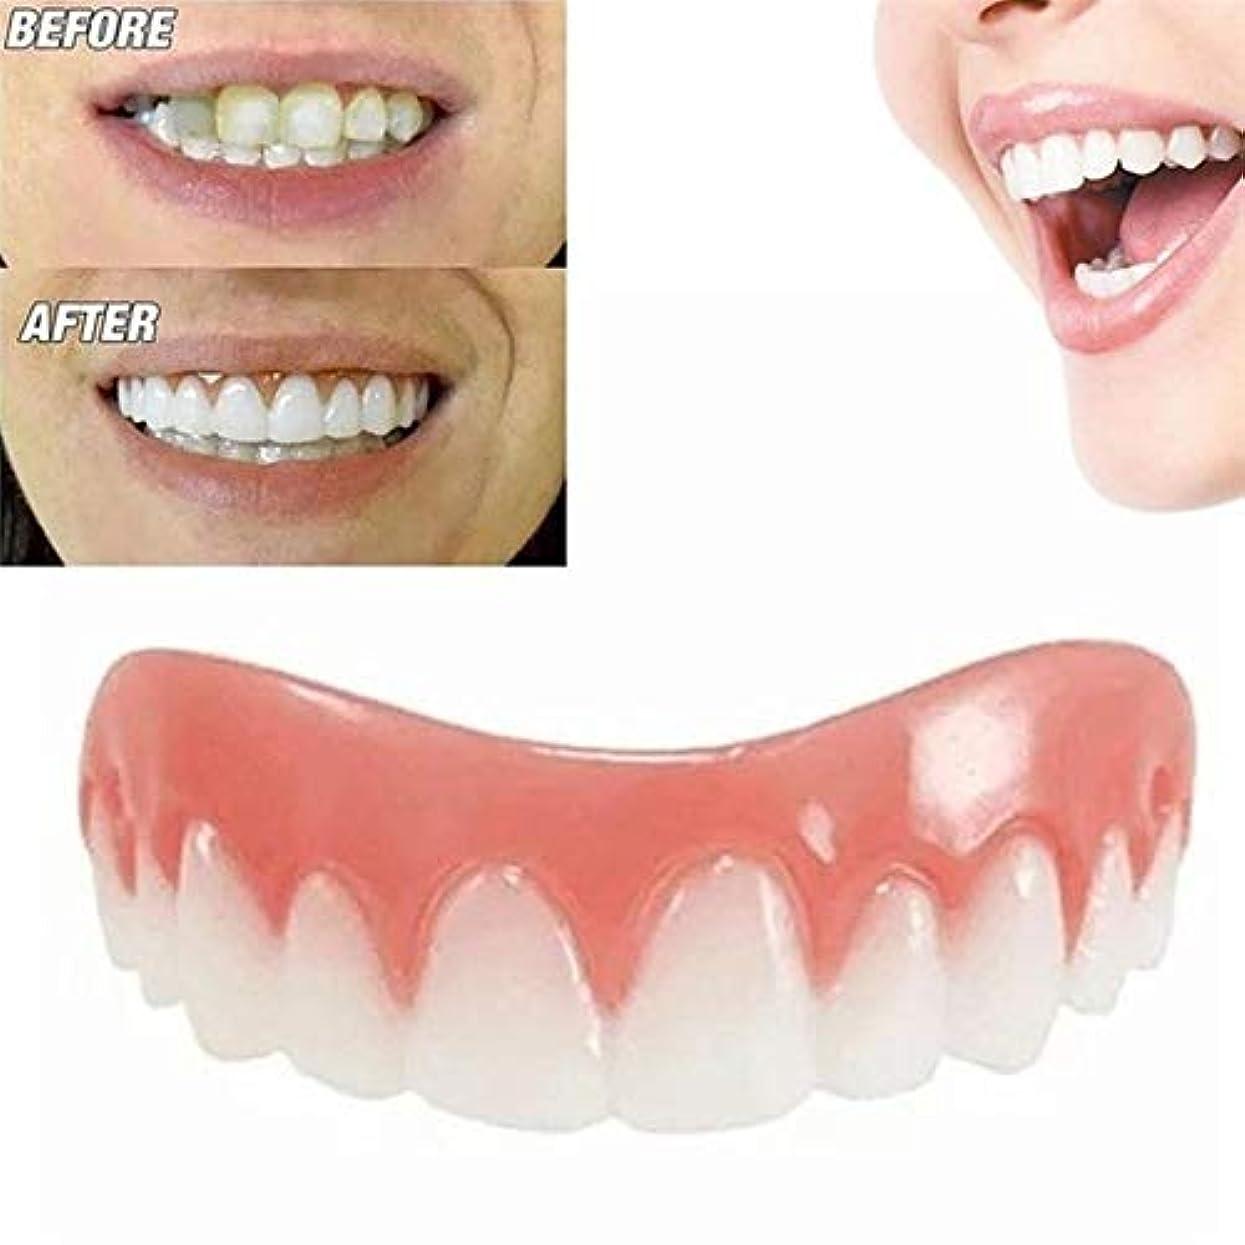 達成チャンピオンシップ折る30個完璧な笑顔のベニヤ偽の歯アッパー偽の歯のカバー悪い歯のための歯のためのあなたに与えます完璧な笑顔のベニヤ - ワンサイズフィット